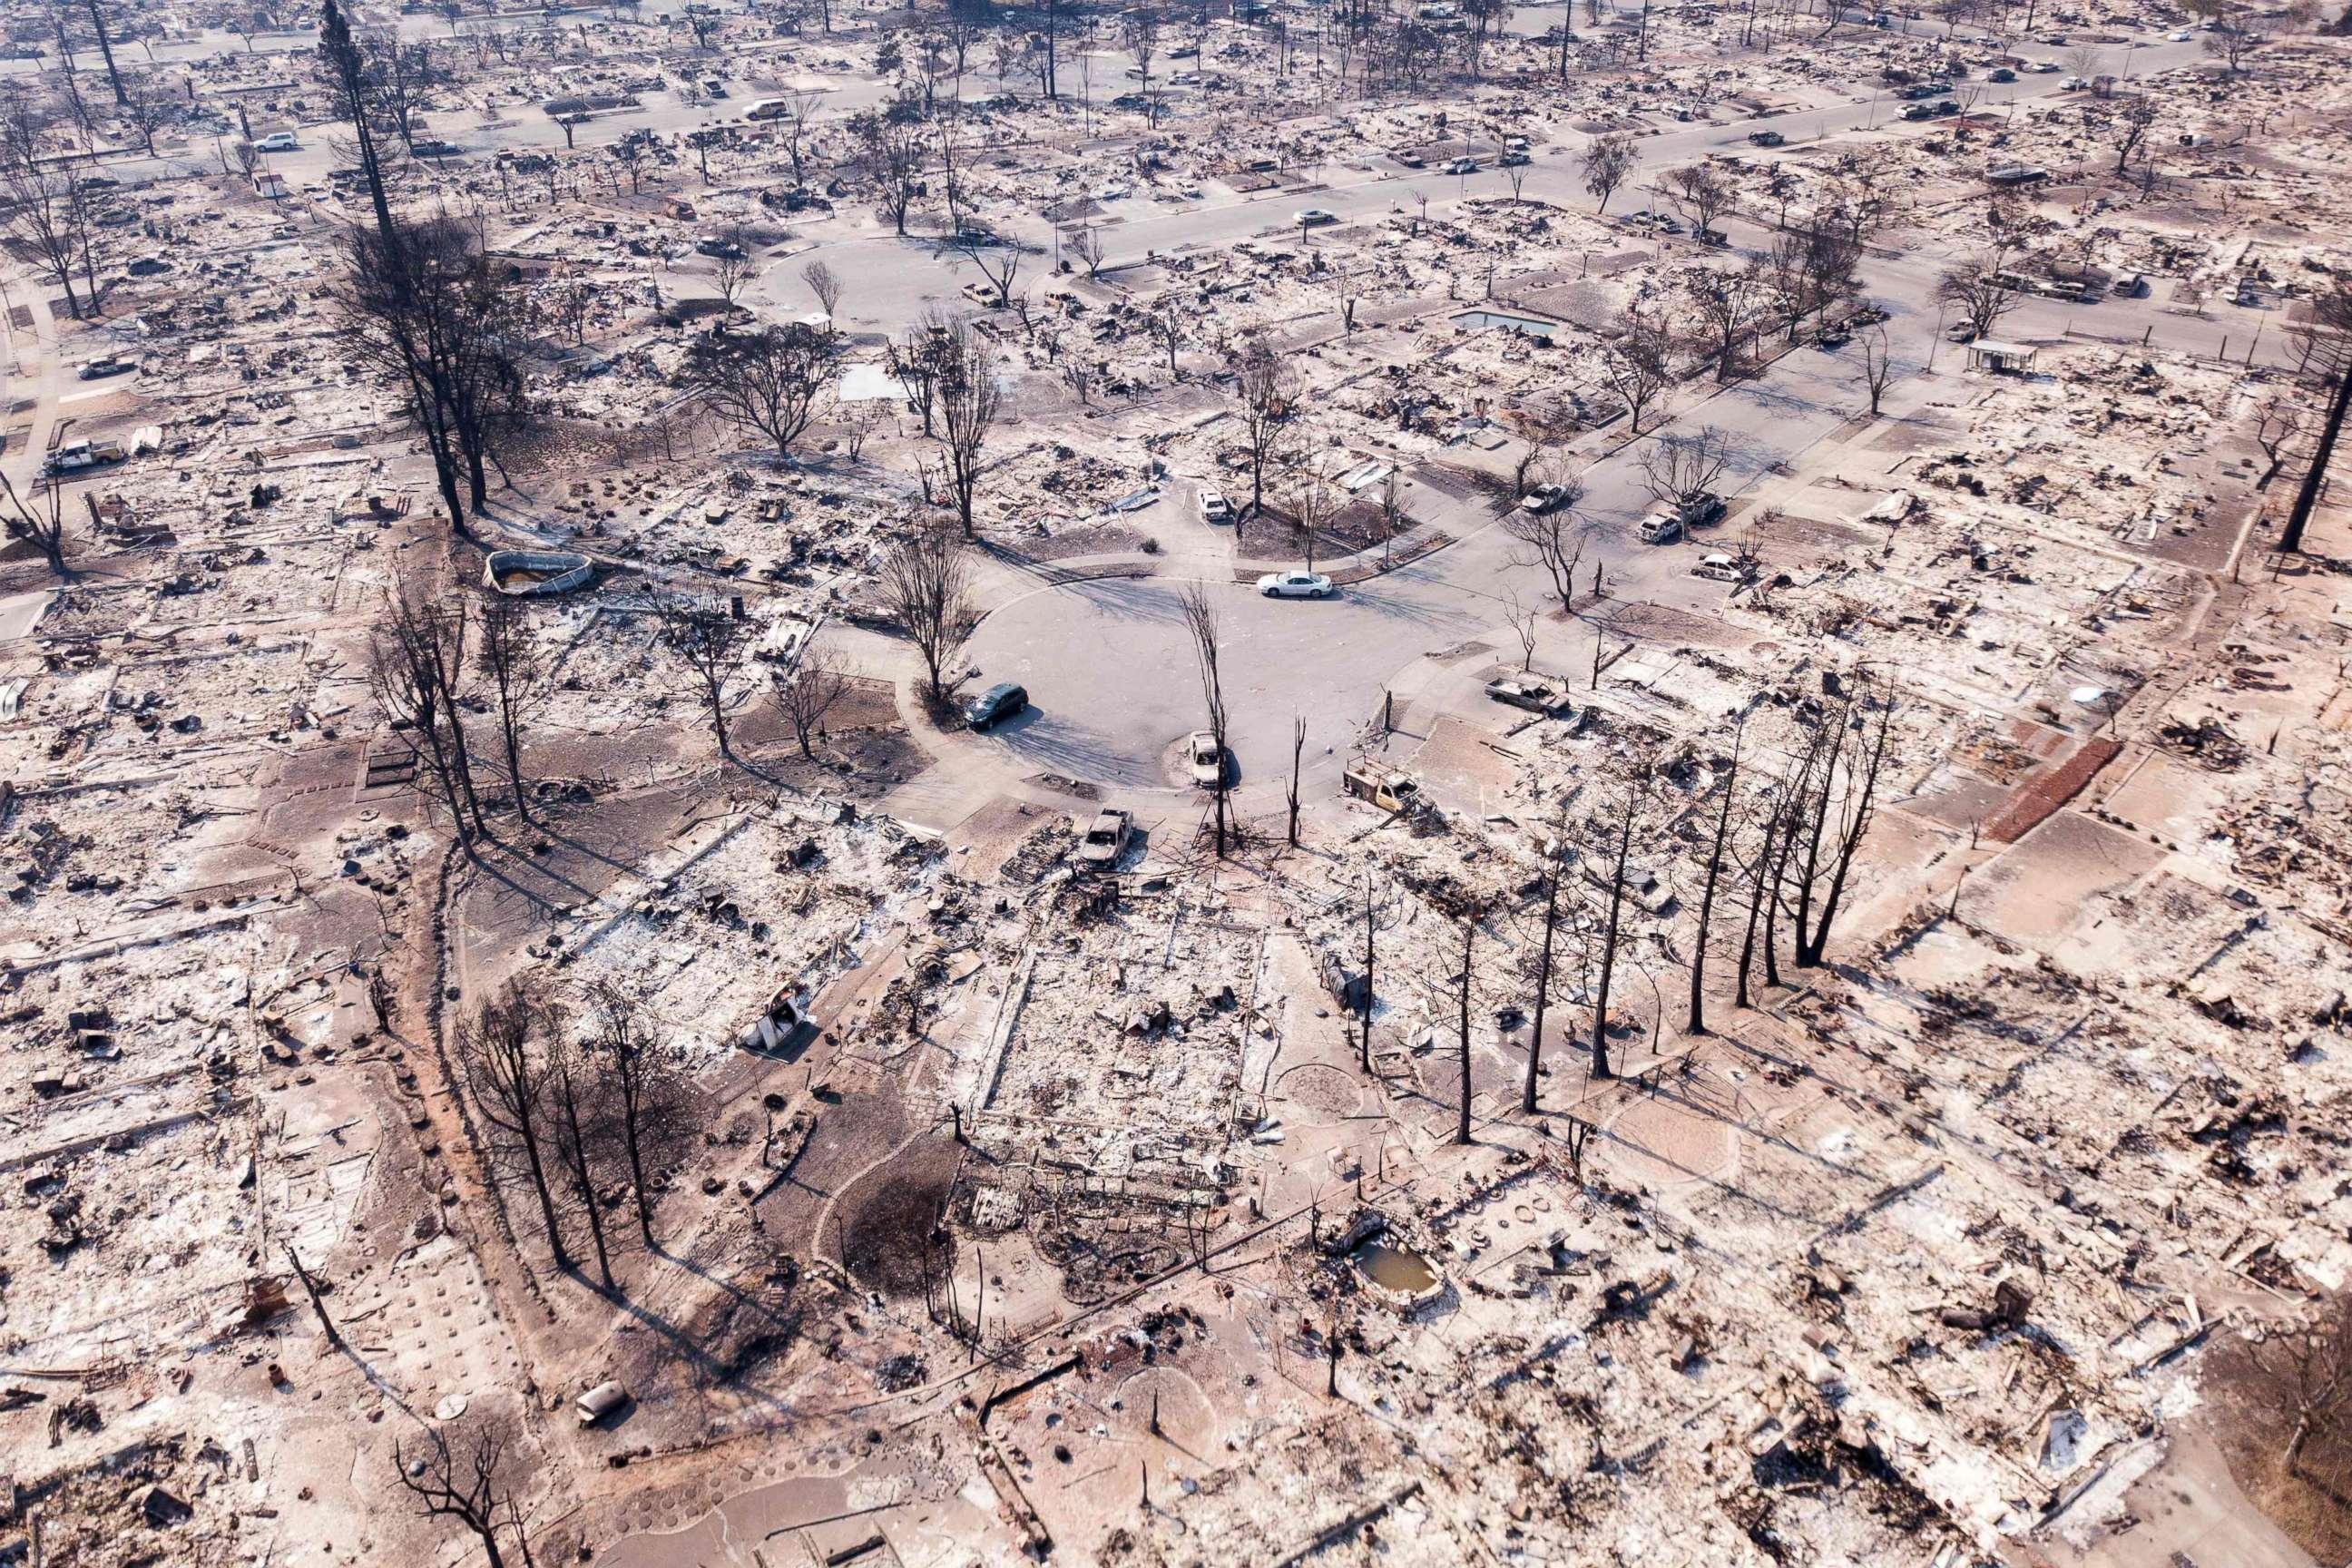 Kết quả hình ảnh cho california fires